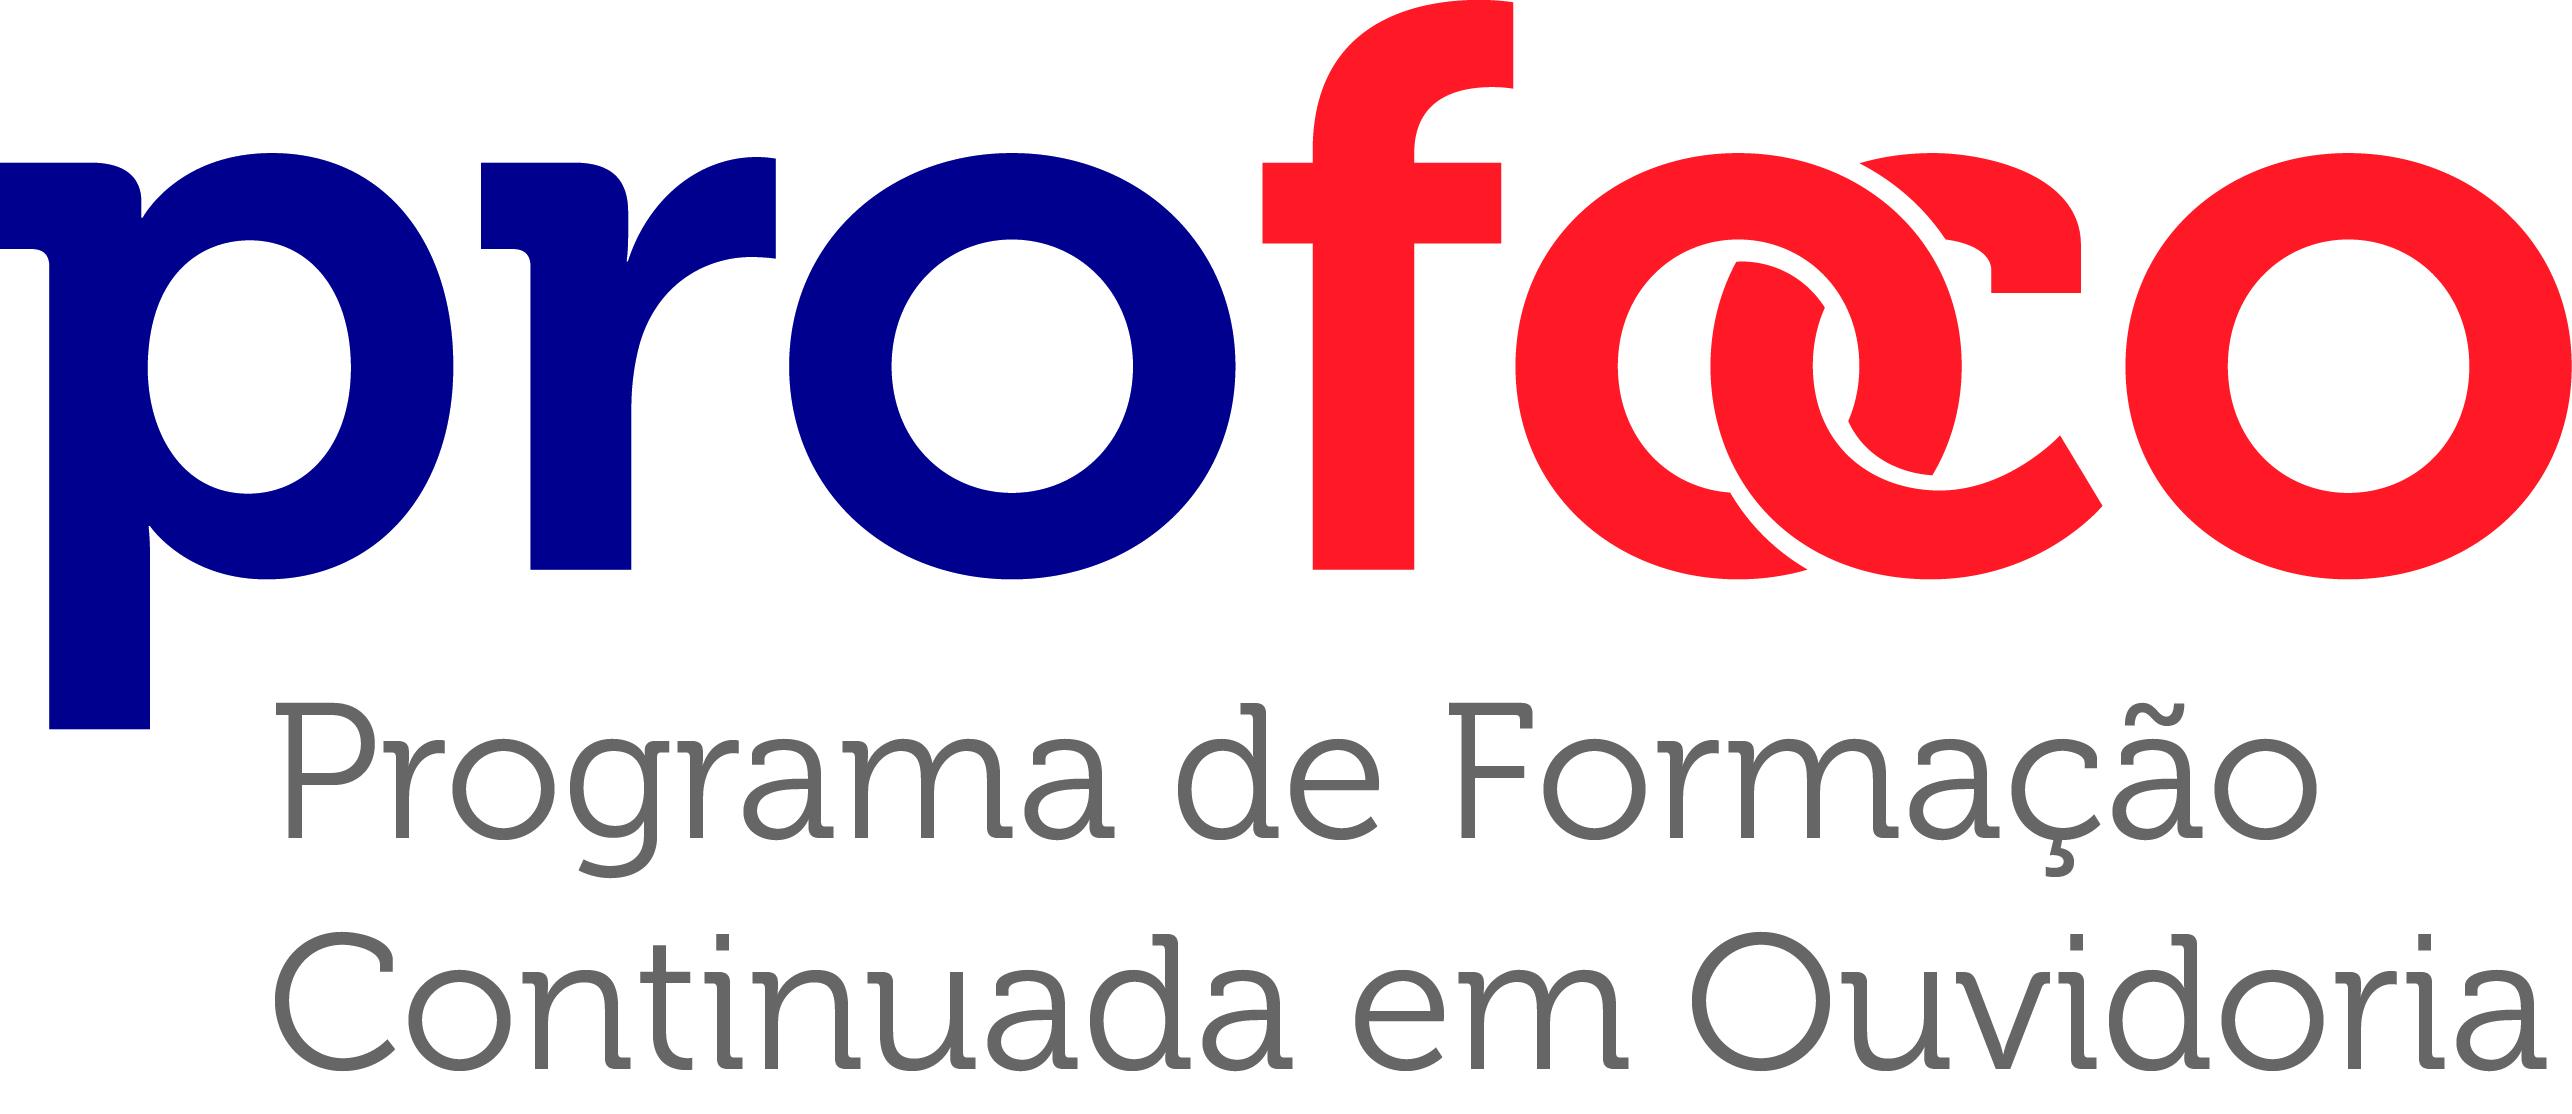 Curso Introdução à Lei de Acesso à Informação no Ministério da Economia, no período de 27 a 31 de maio de 2019, em Brasília/DF